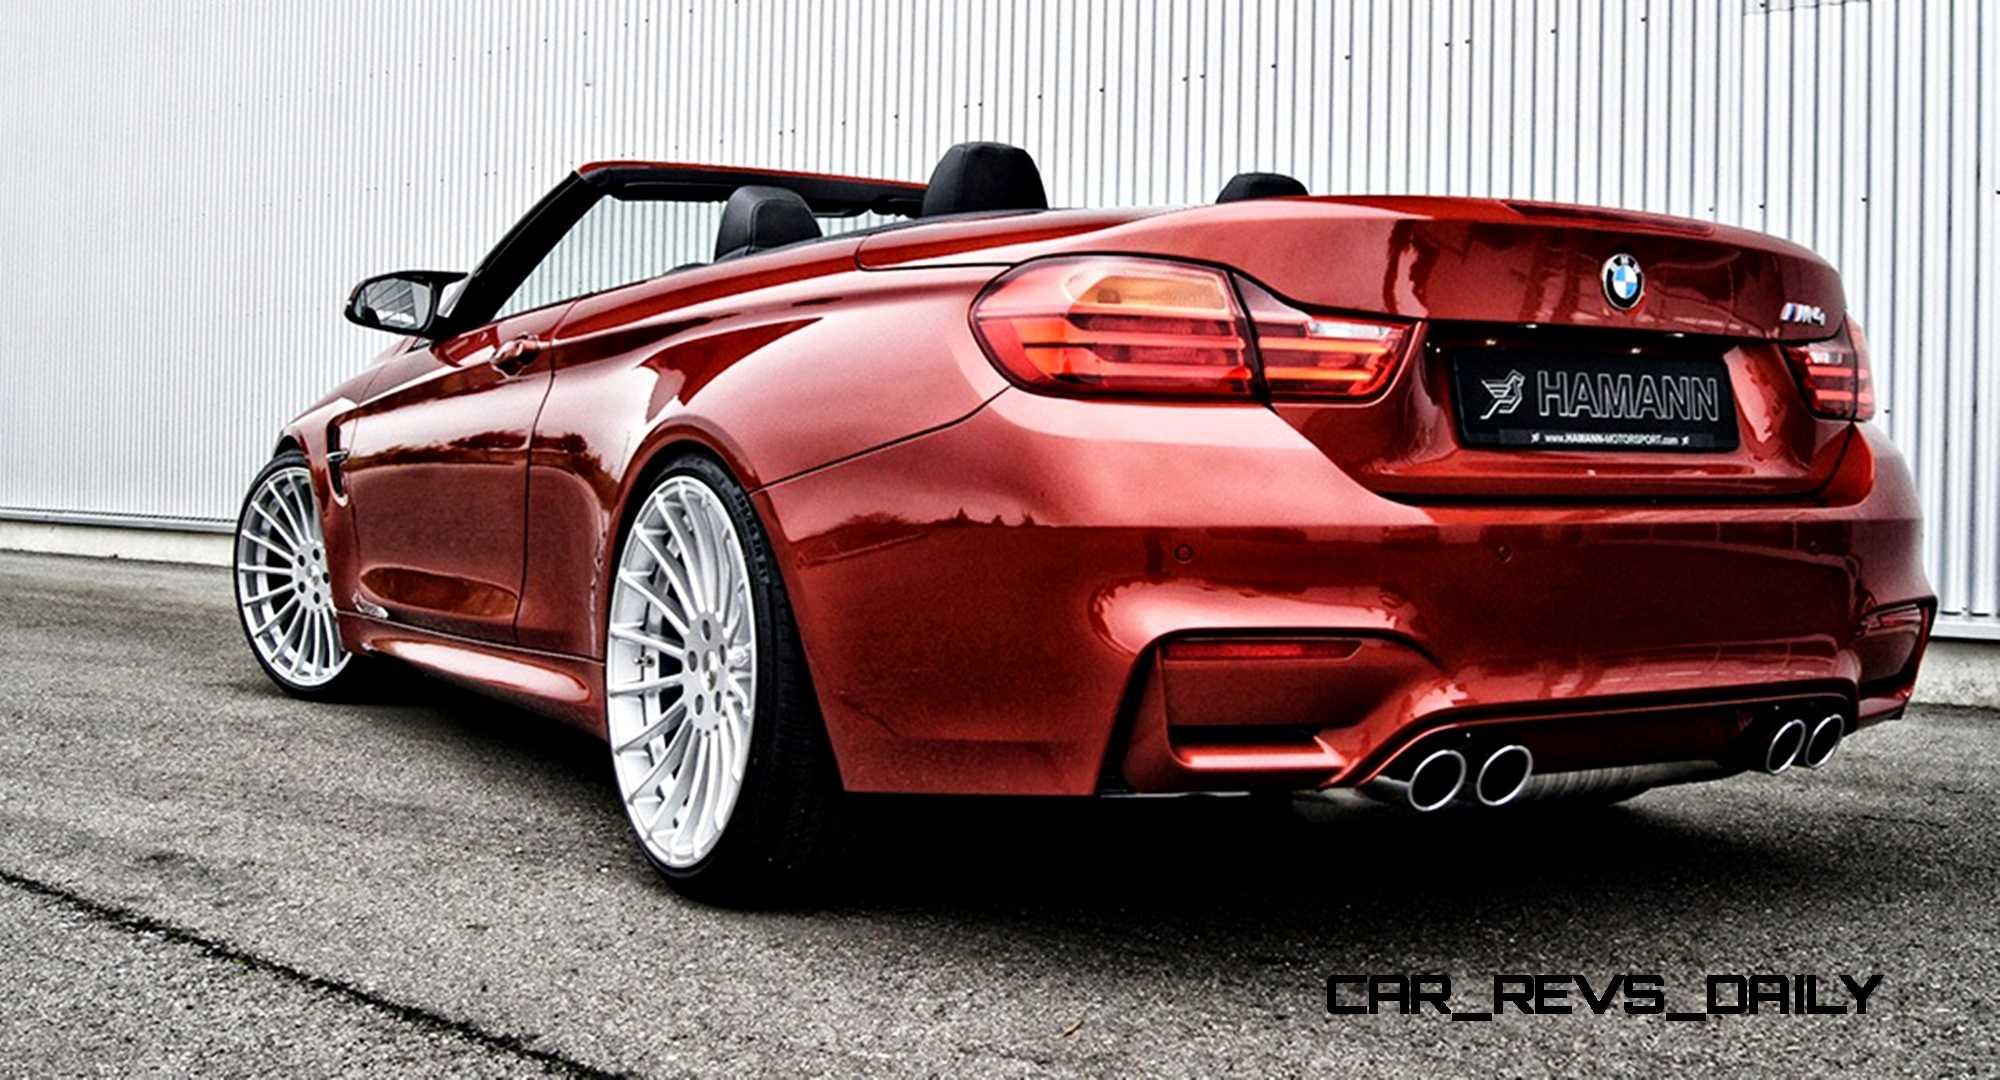 2015 BMW M4 by HAMANN 15